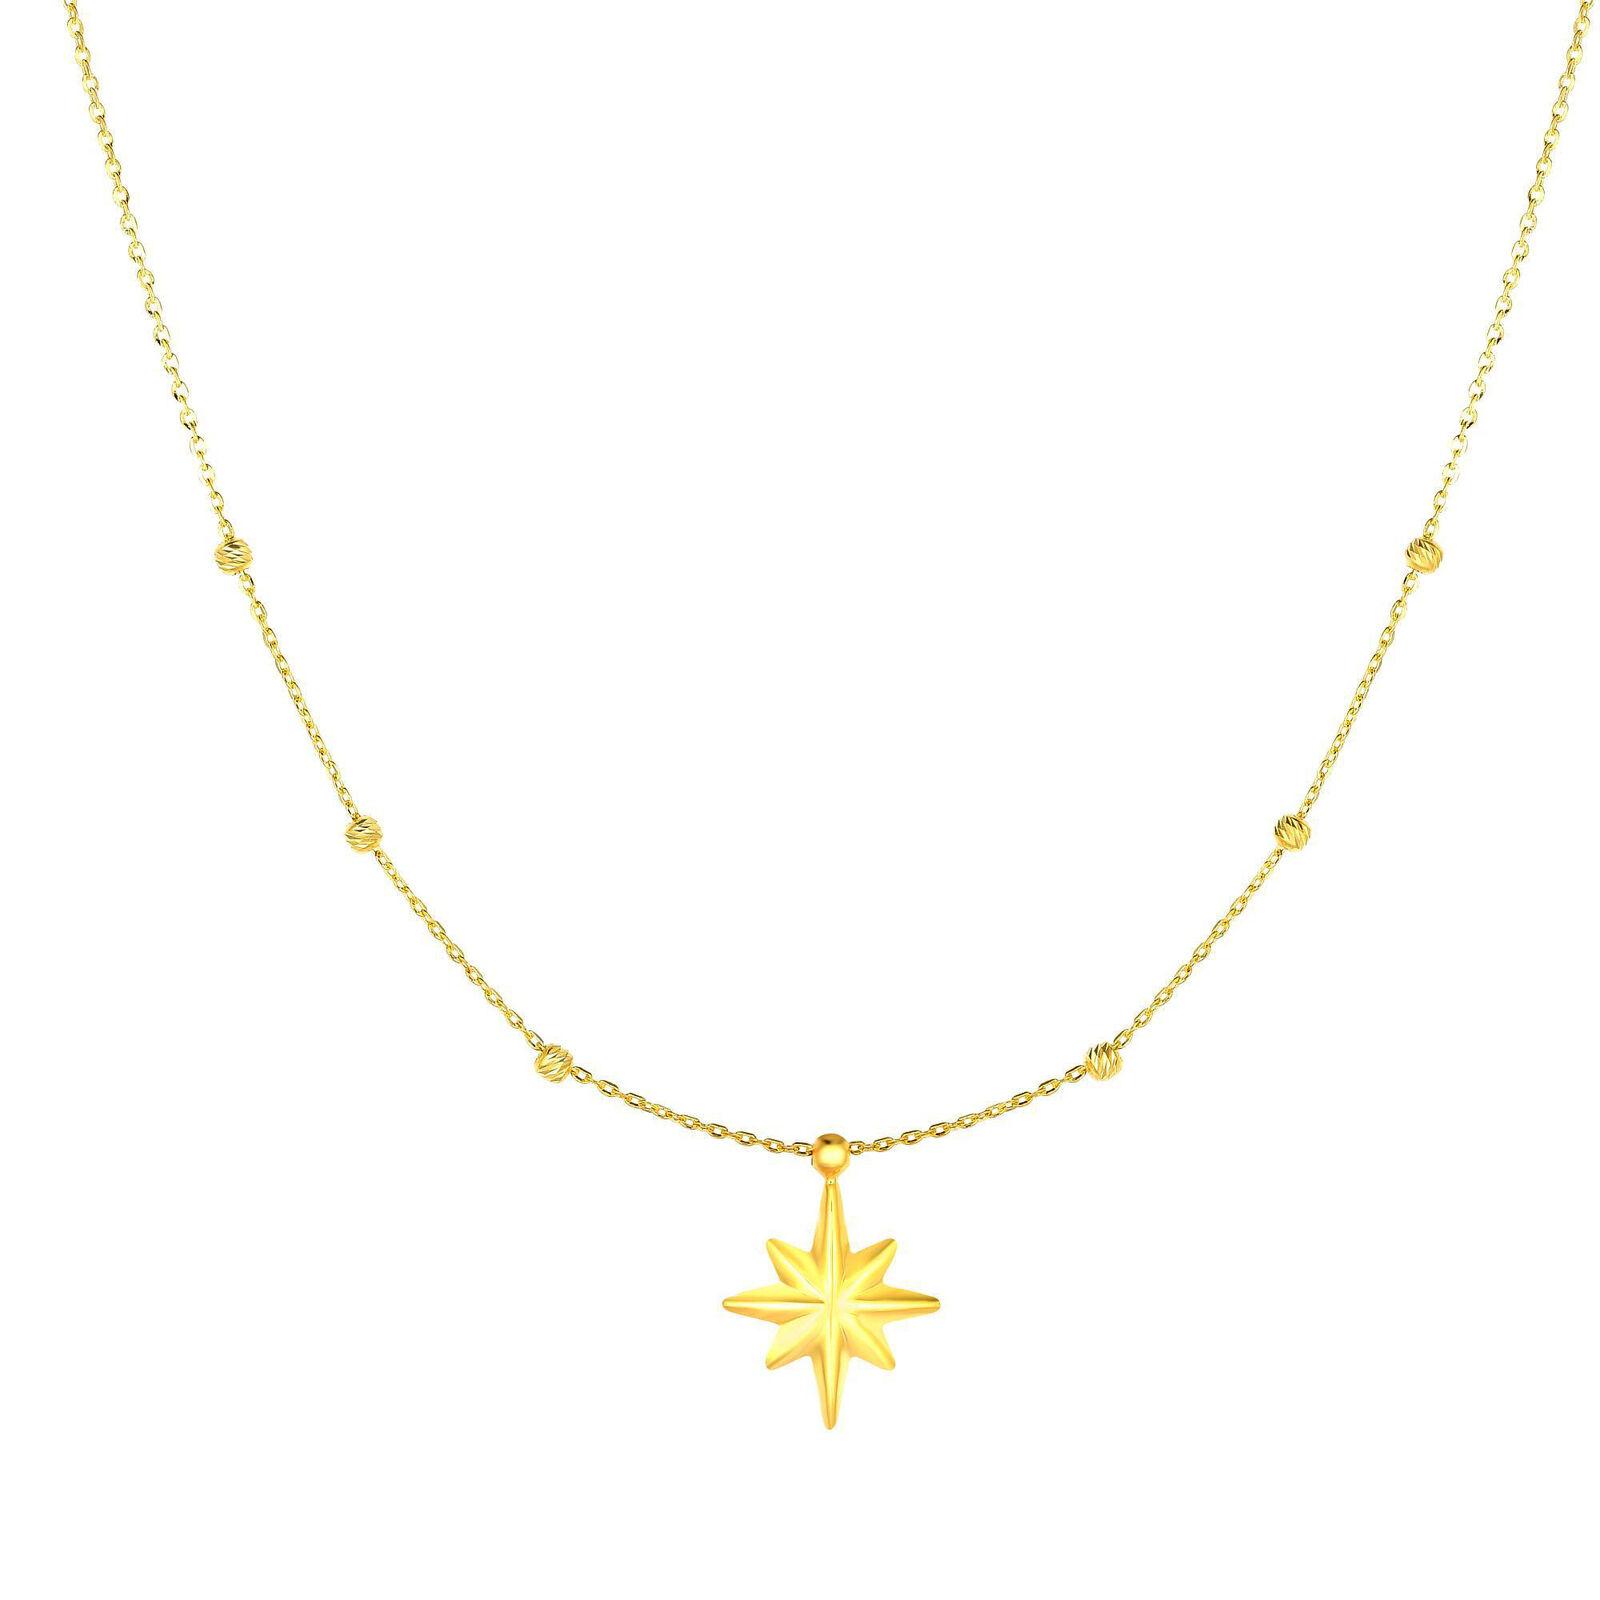 14k oro Giallo Pendente North Star Star Star Collana Ciondolo 45.7cm 1c5d62